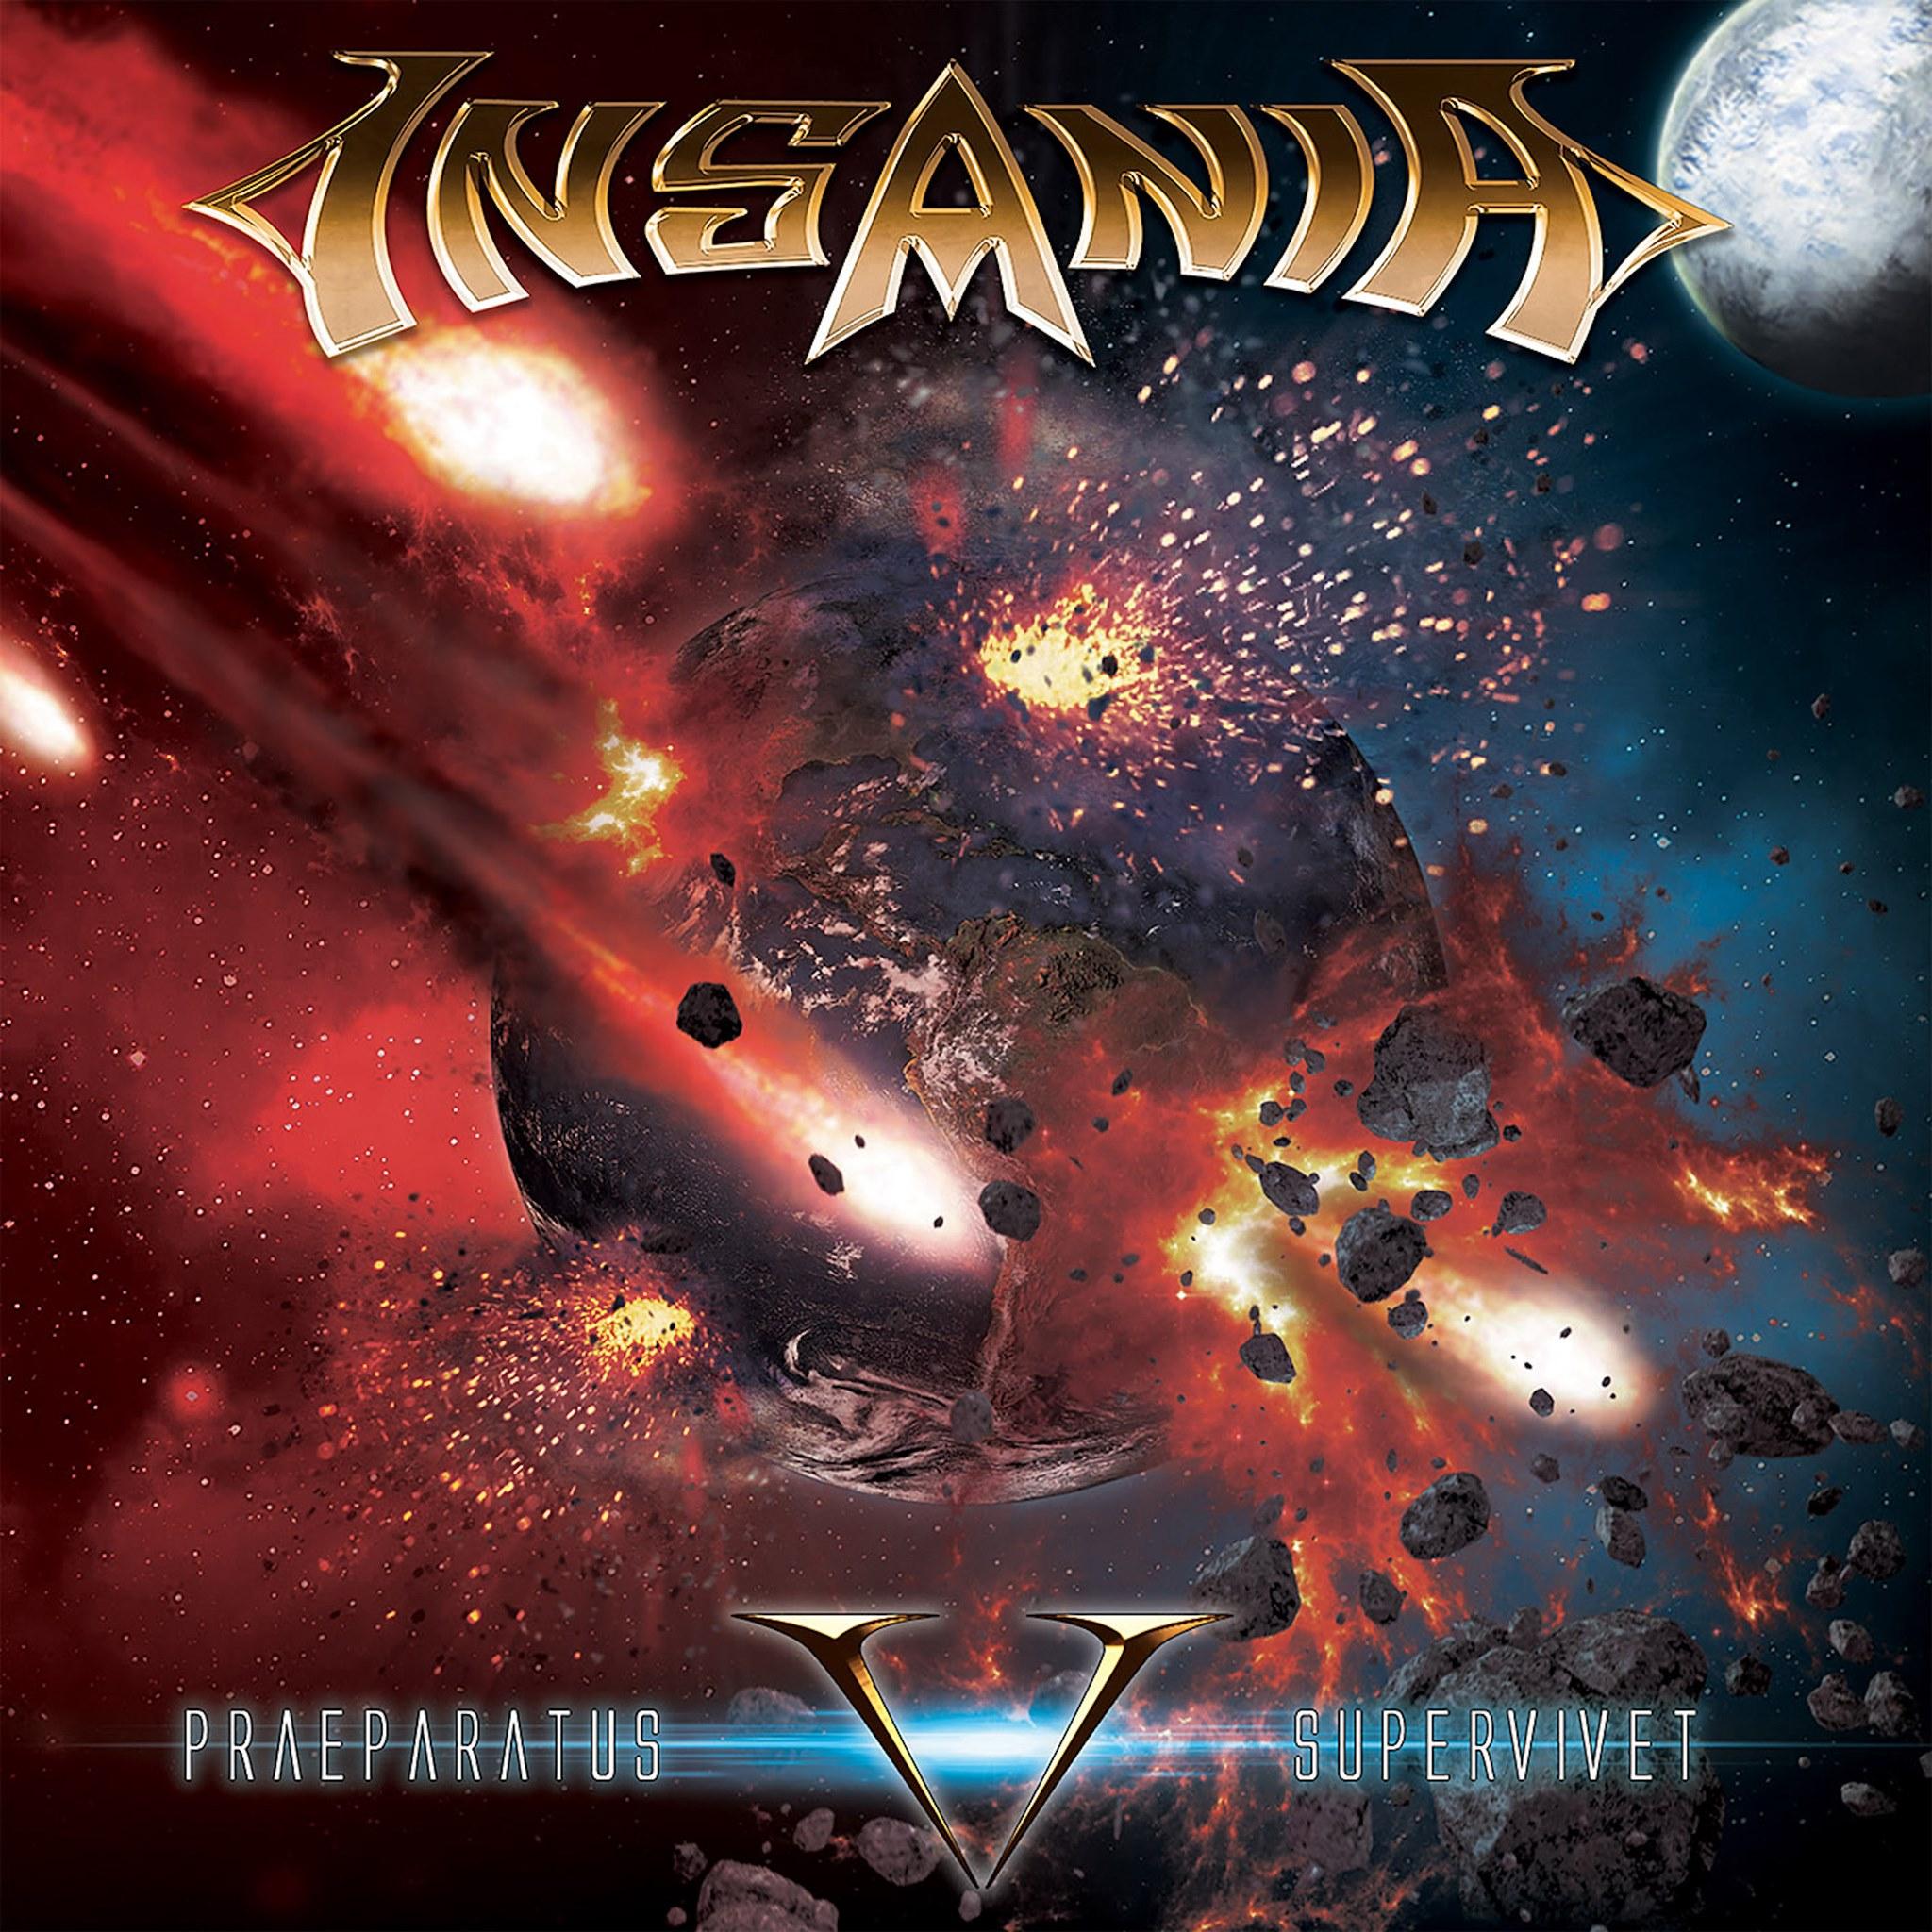 INSANIA V Praeparatus Supervivet album cover artwork